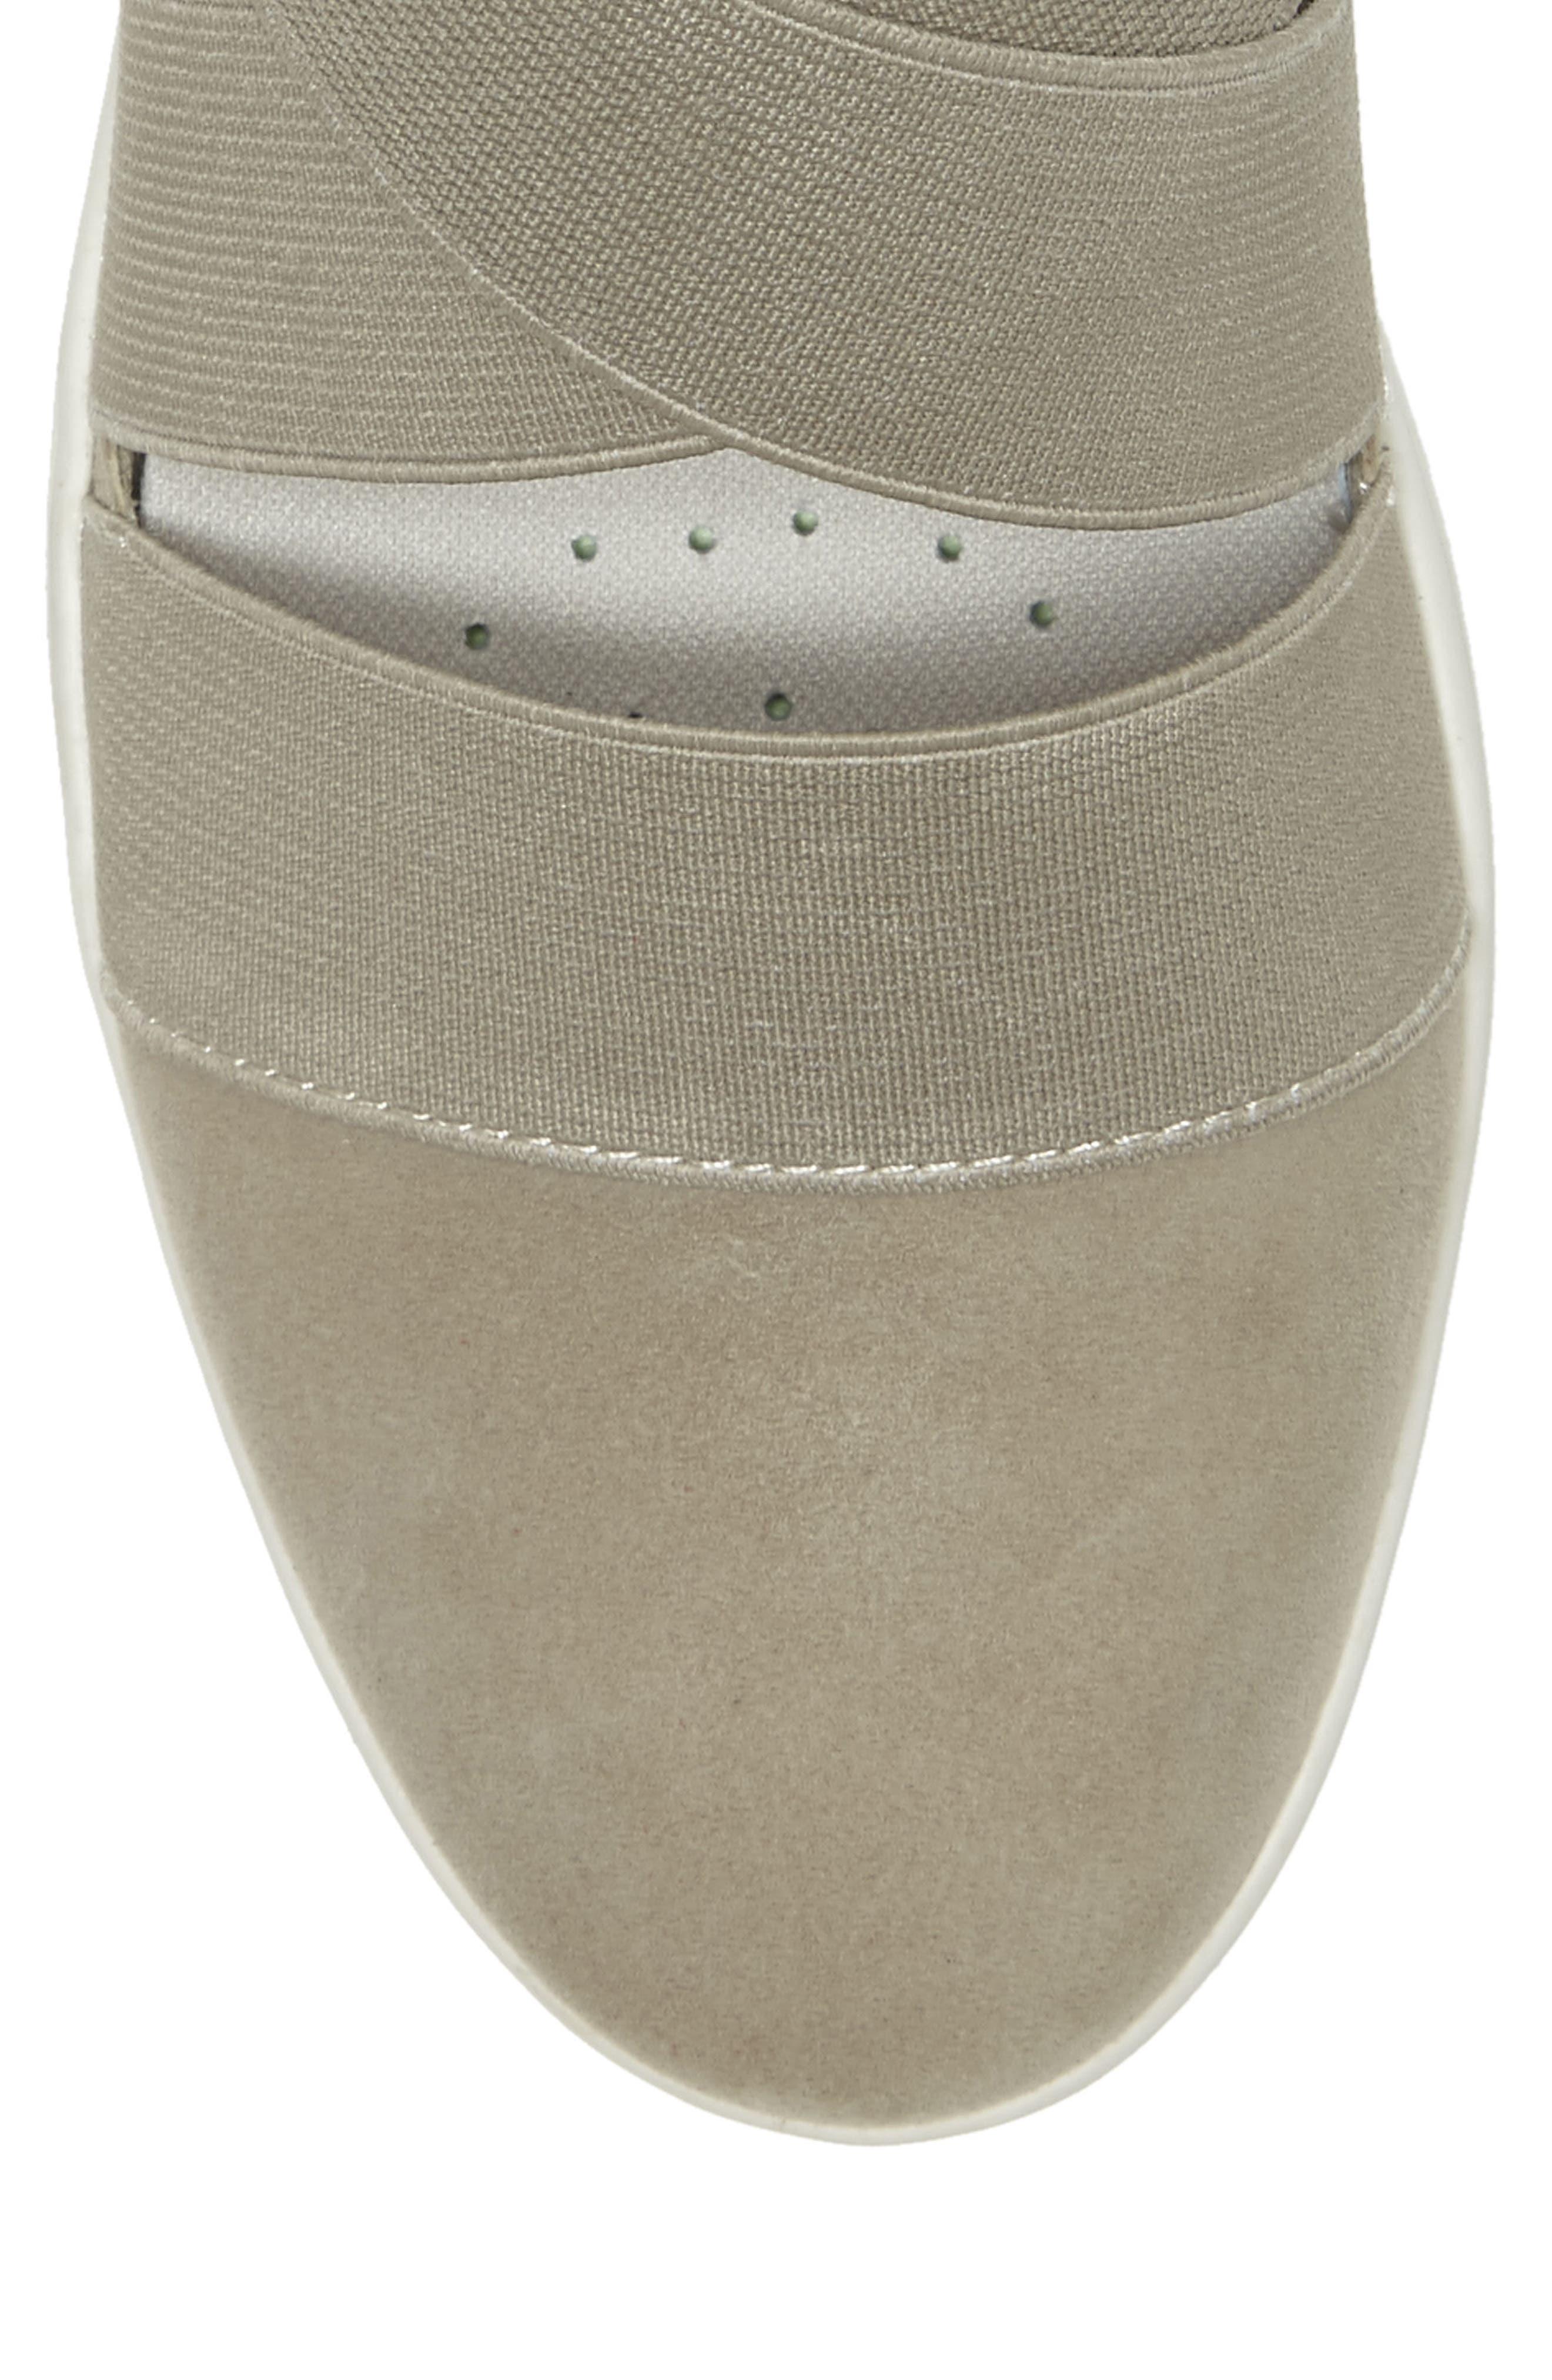 Alskara Slip-On Sneaker Flat,                             Alternate thumbnail 7, color,                             BRINDLE SUEDE